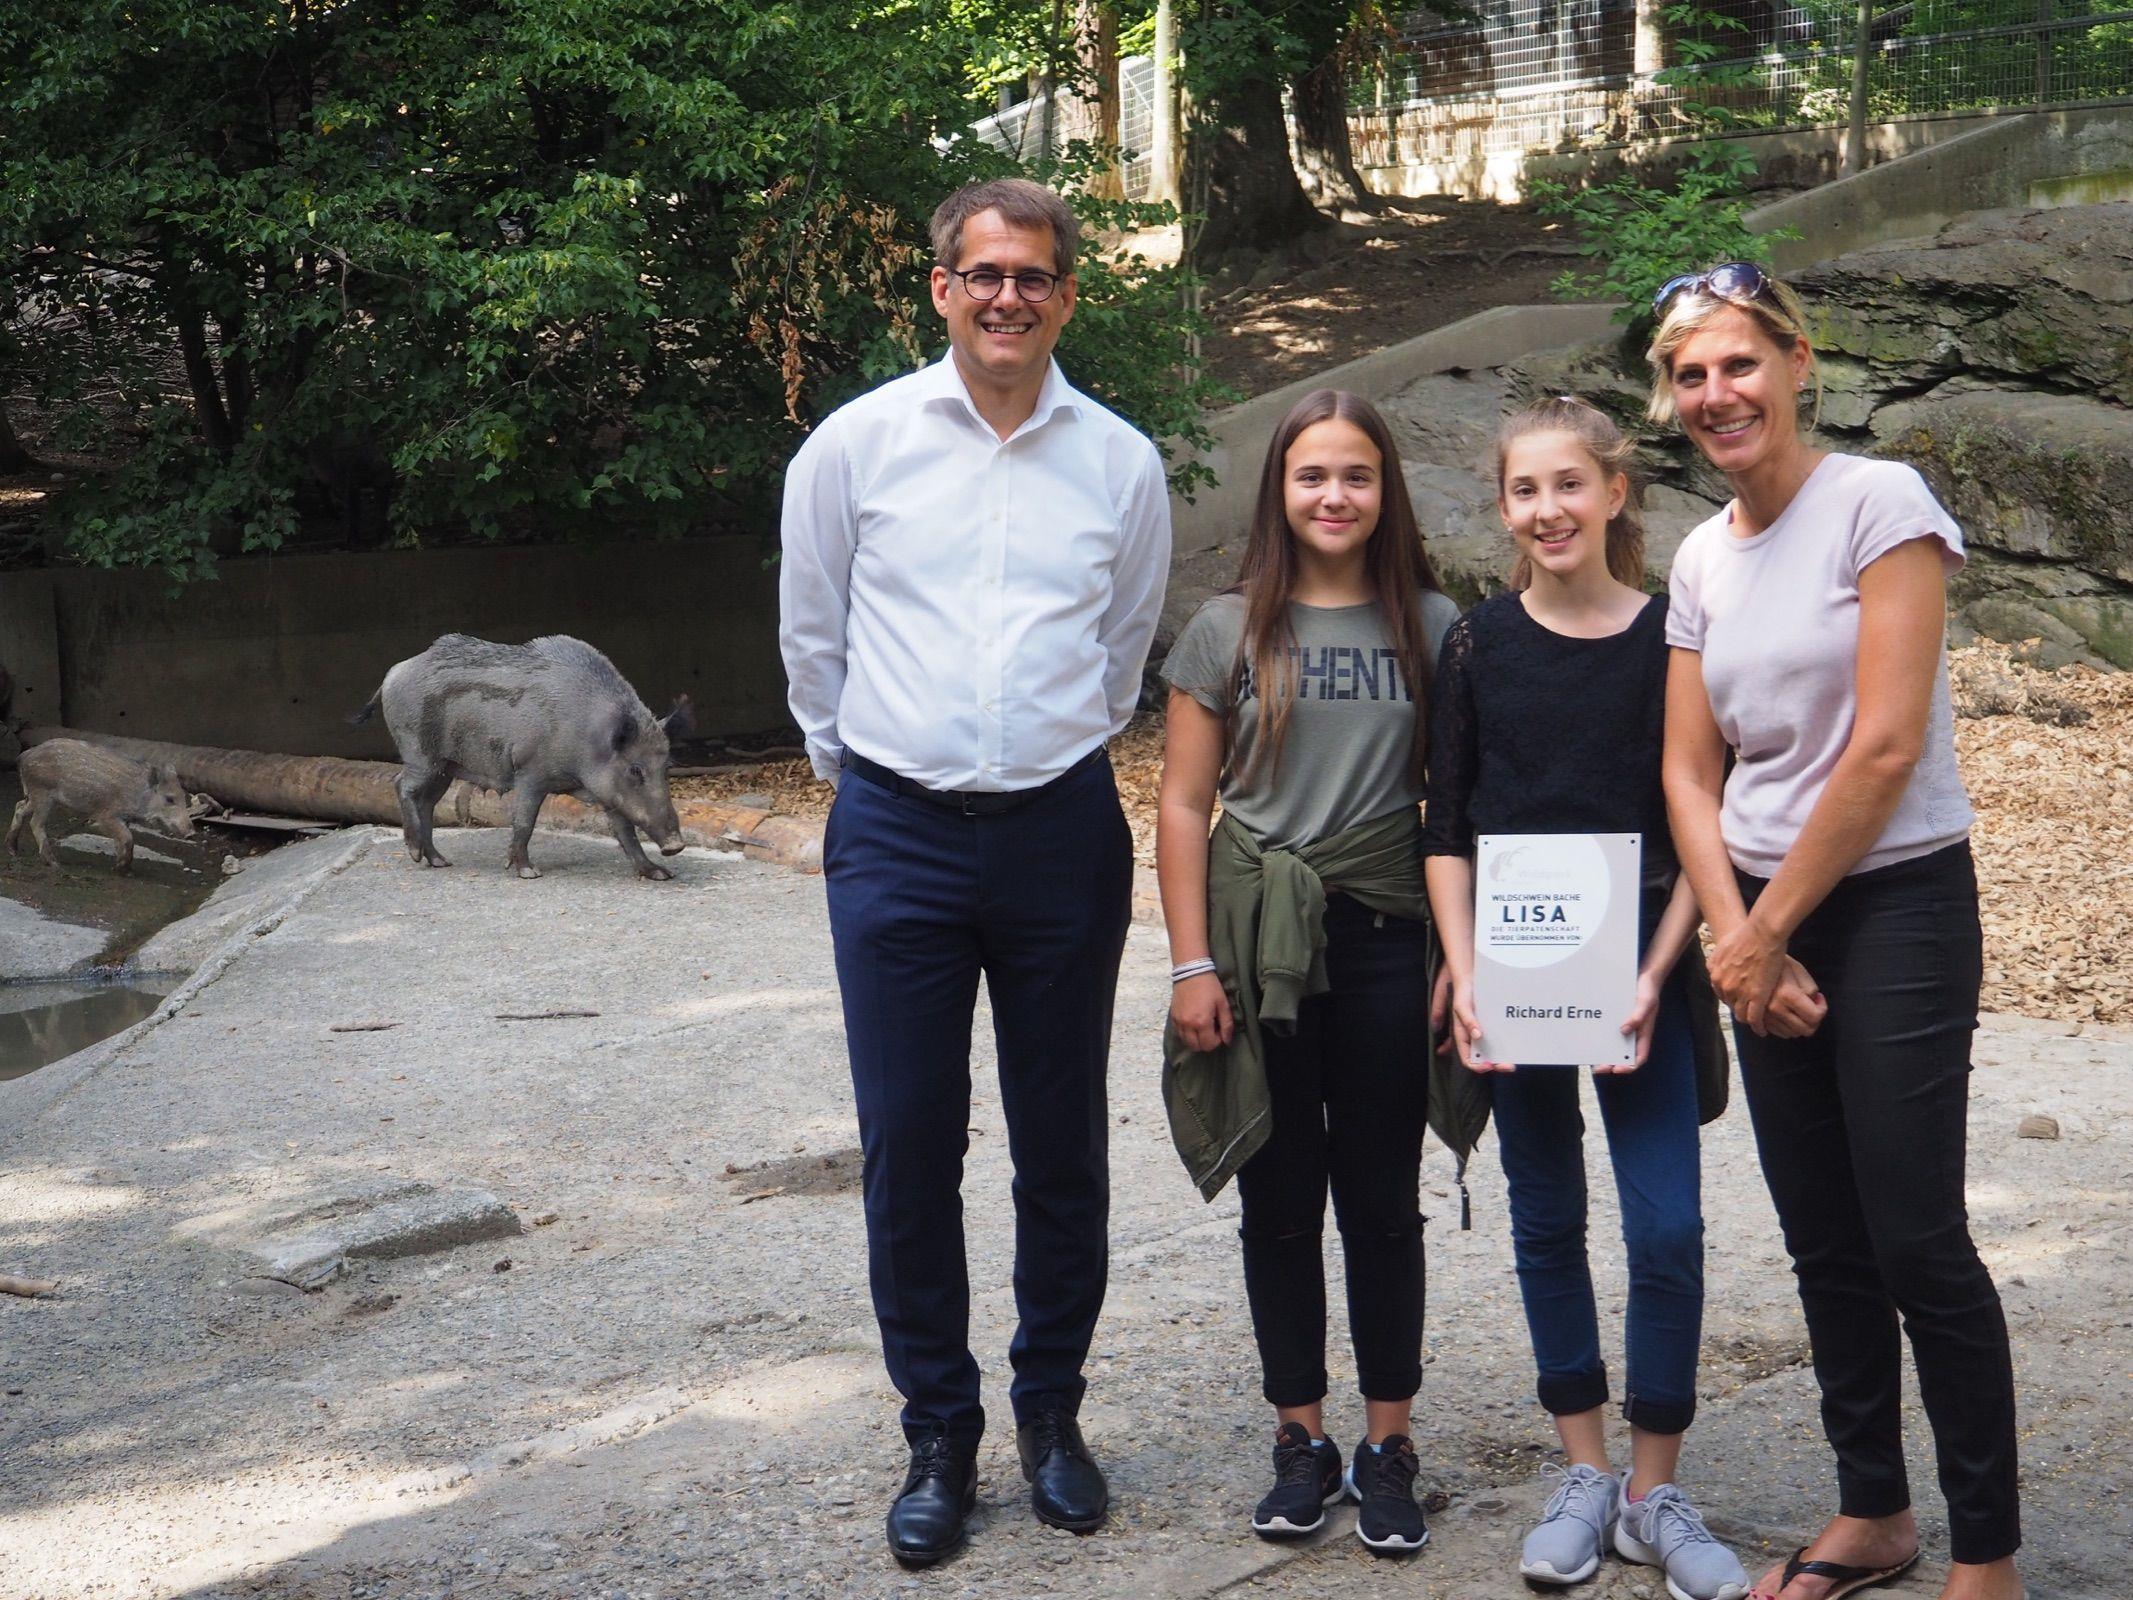 Tierpate Richard Erne mit Pia, Namensgeberin Lisa und Susanne, im Hintergrund die Wildschweinbache mit einem Frischling.